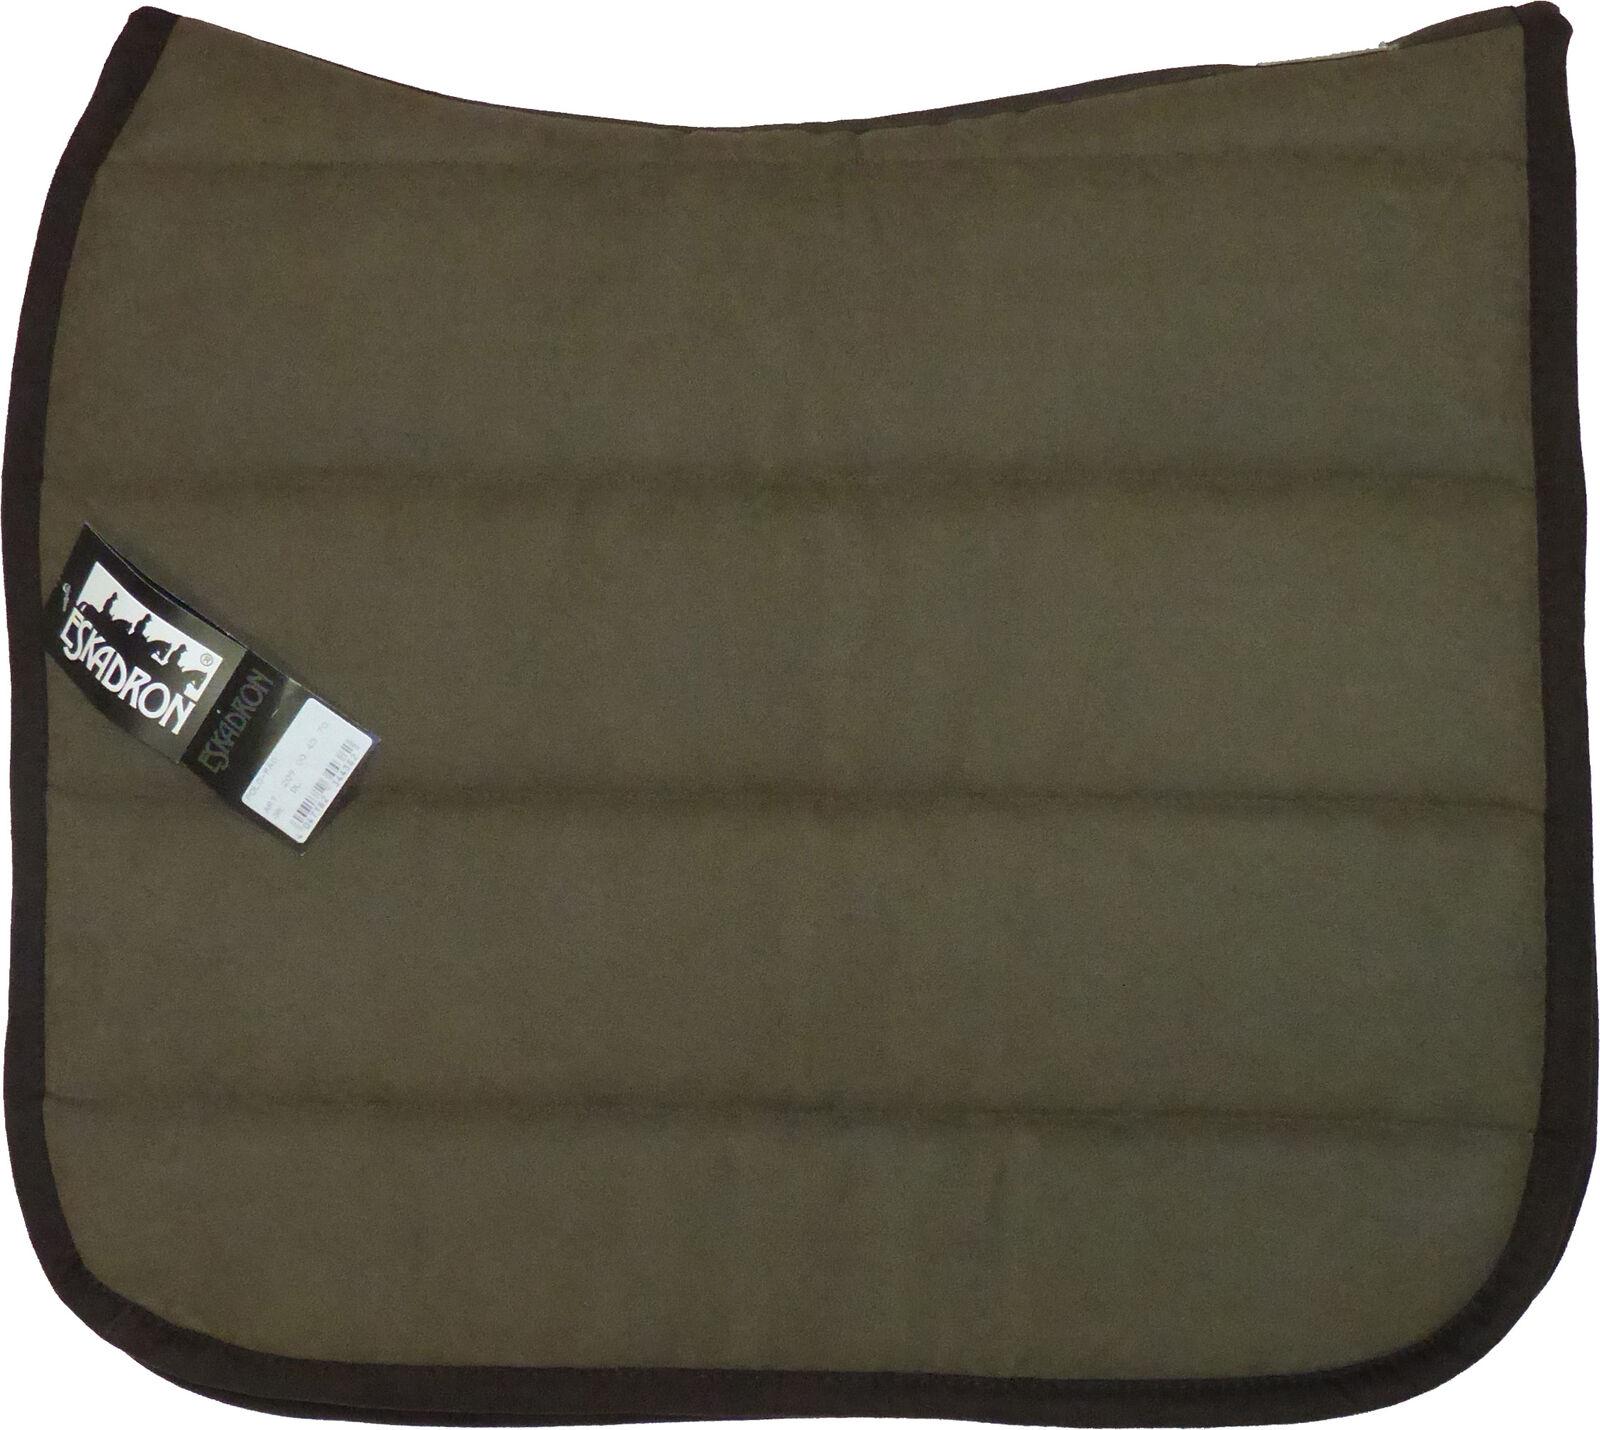 Eskadron Sattelpad mit Rückenform in schoko, Polo Pad Größe Kleidur